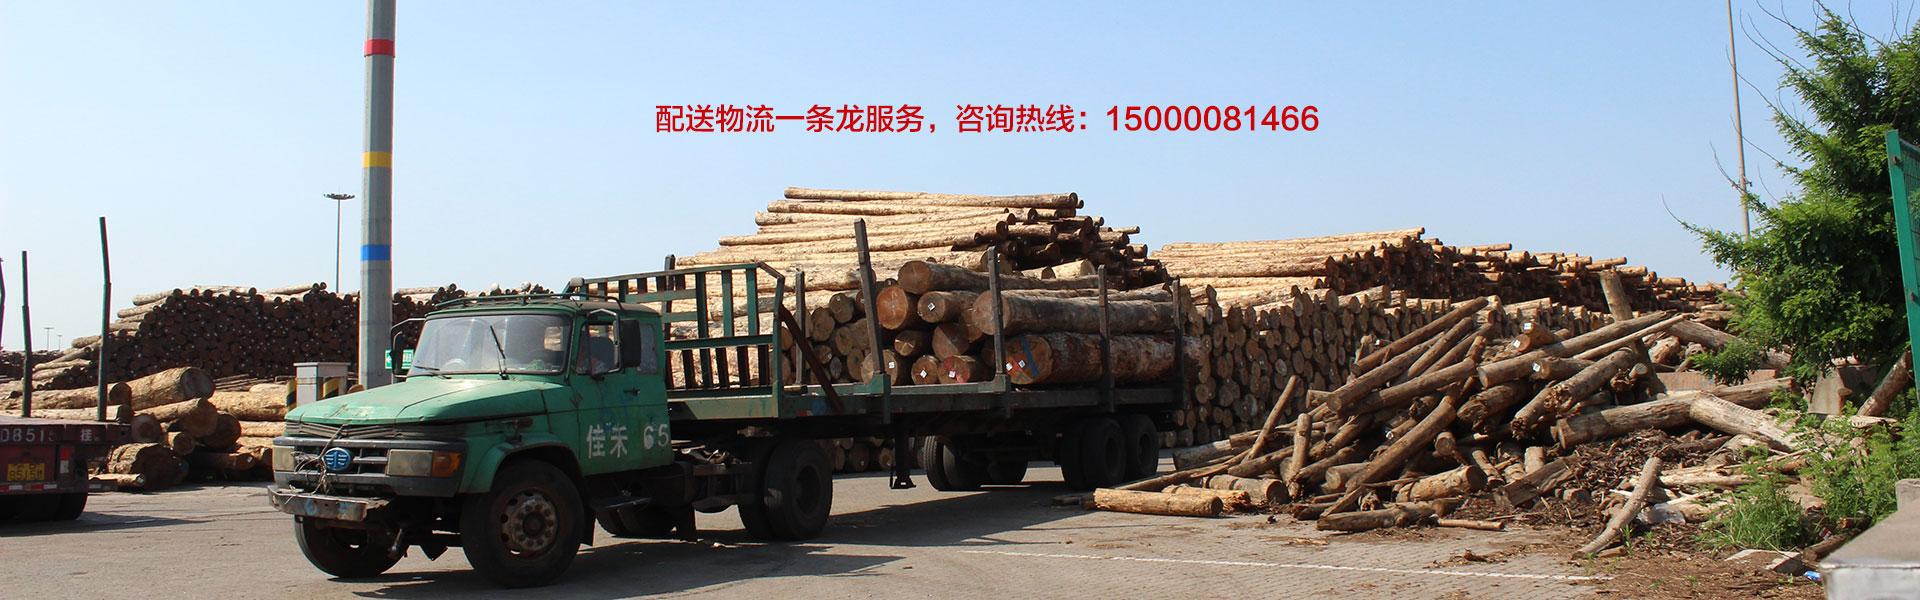 江苏木材加工厂